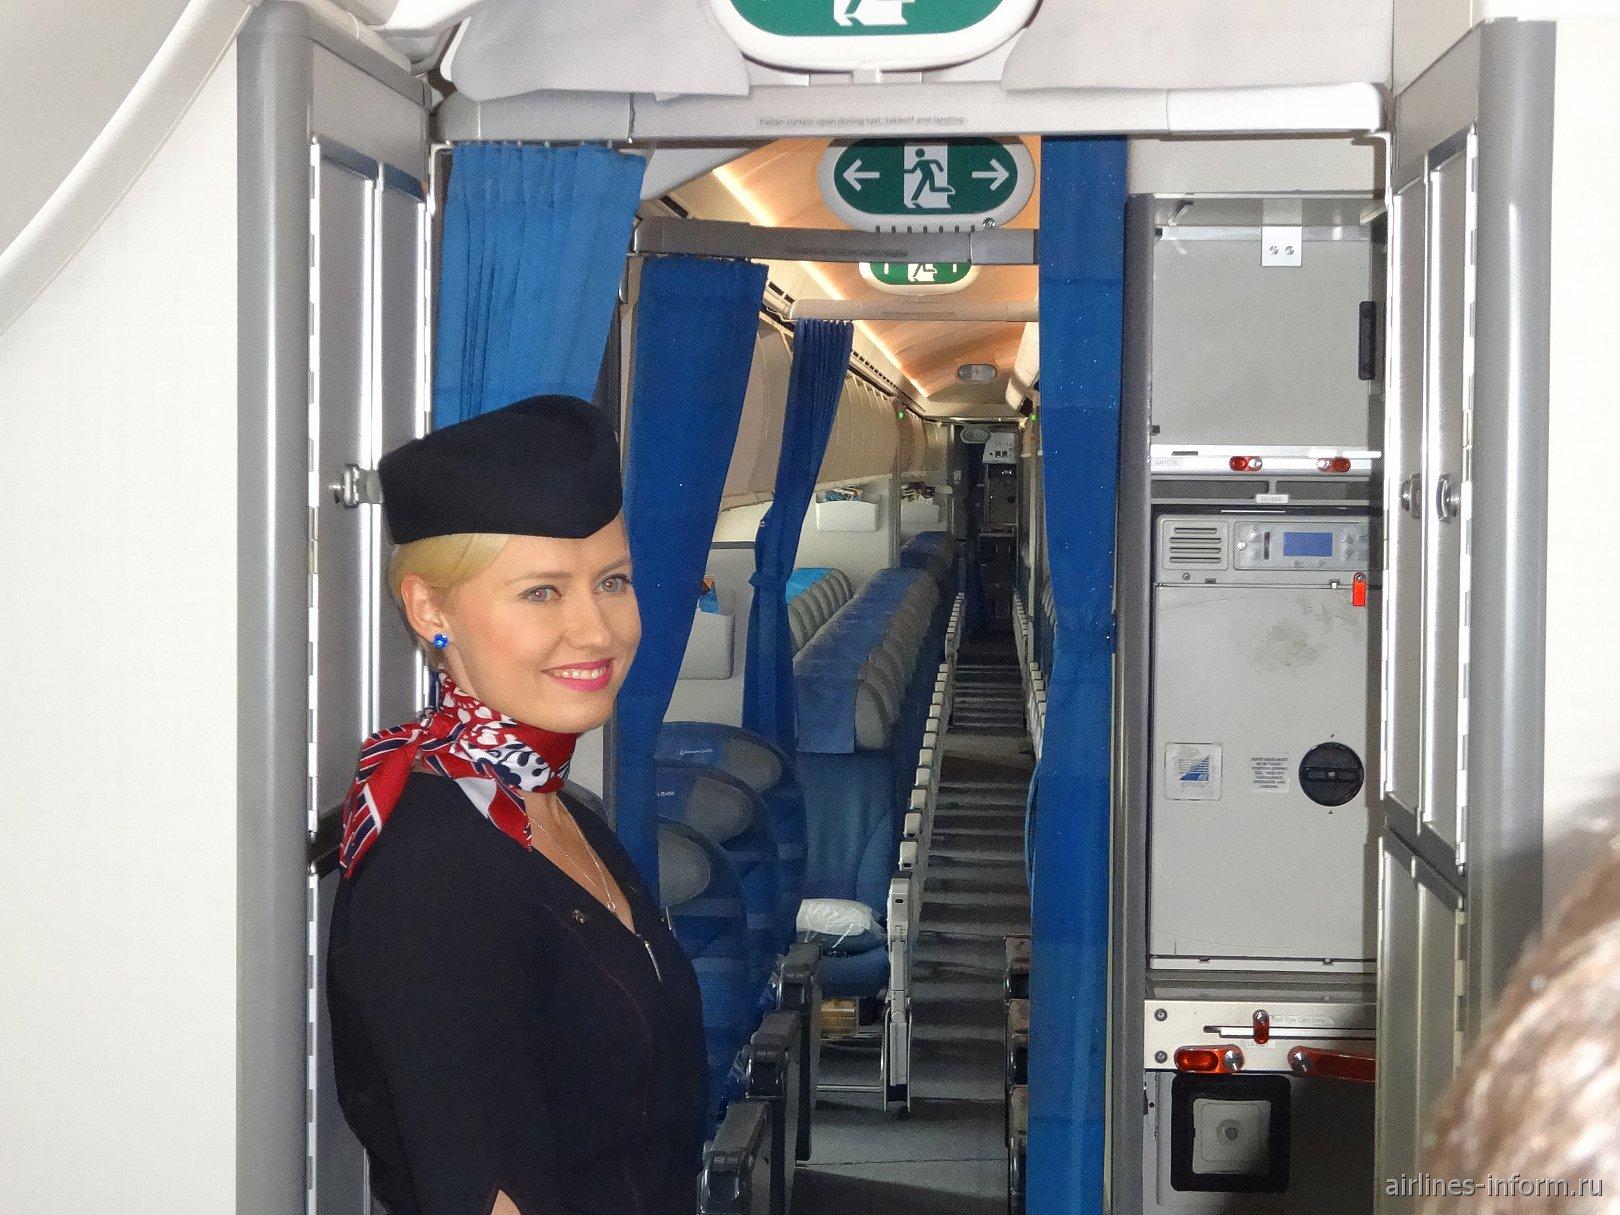 Стюардесса польской авиакомпании LOT